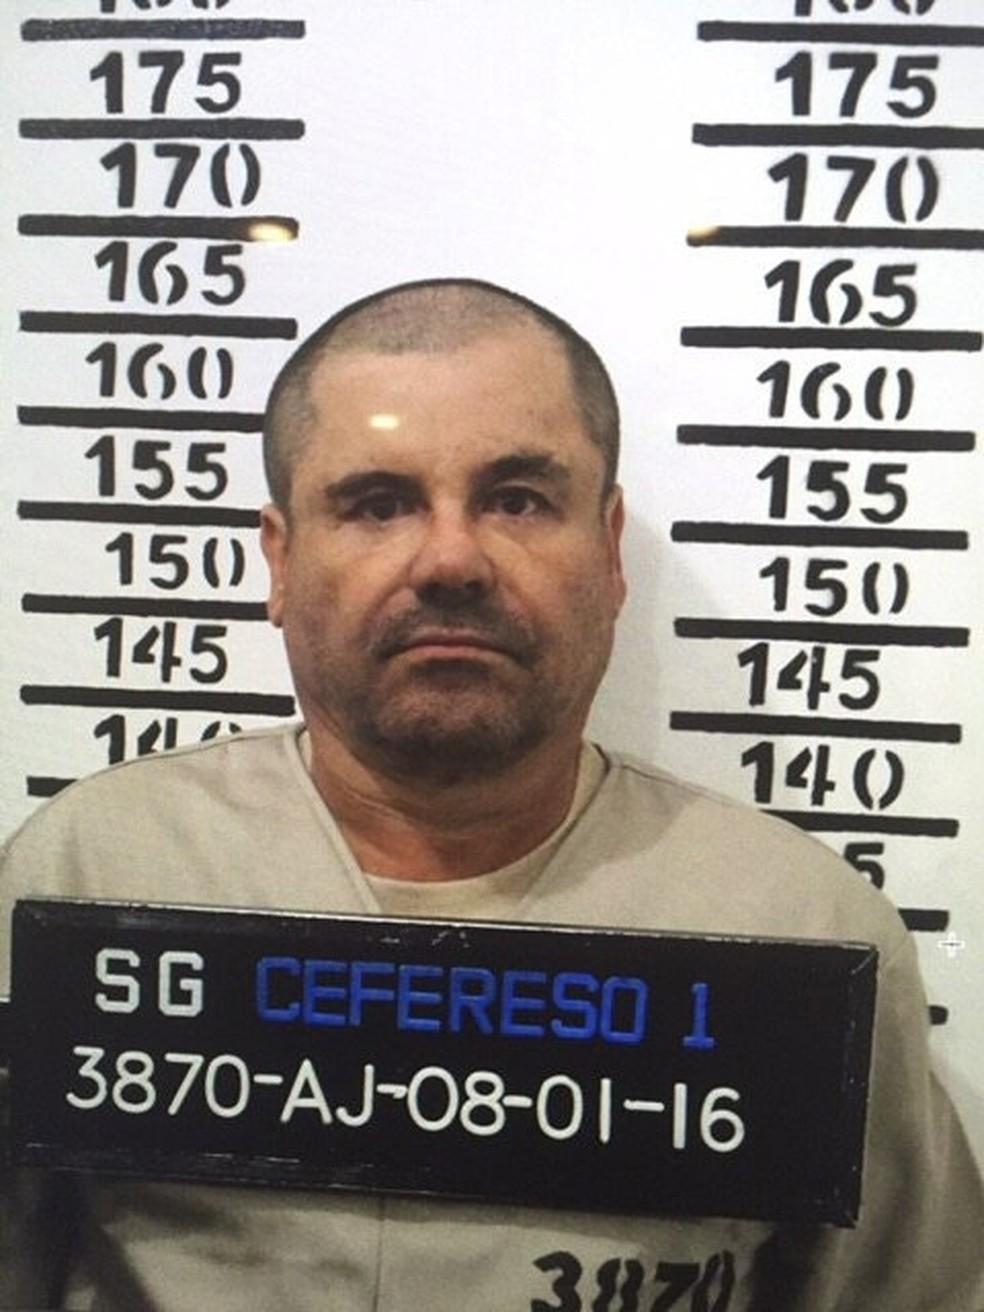 Imagem de 8 de janeiro de 2017 mostra El Chapo com seu número 3870 na prisão de segurança máxima de Altiplano — Foto: Mexico's federal government via AP, File